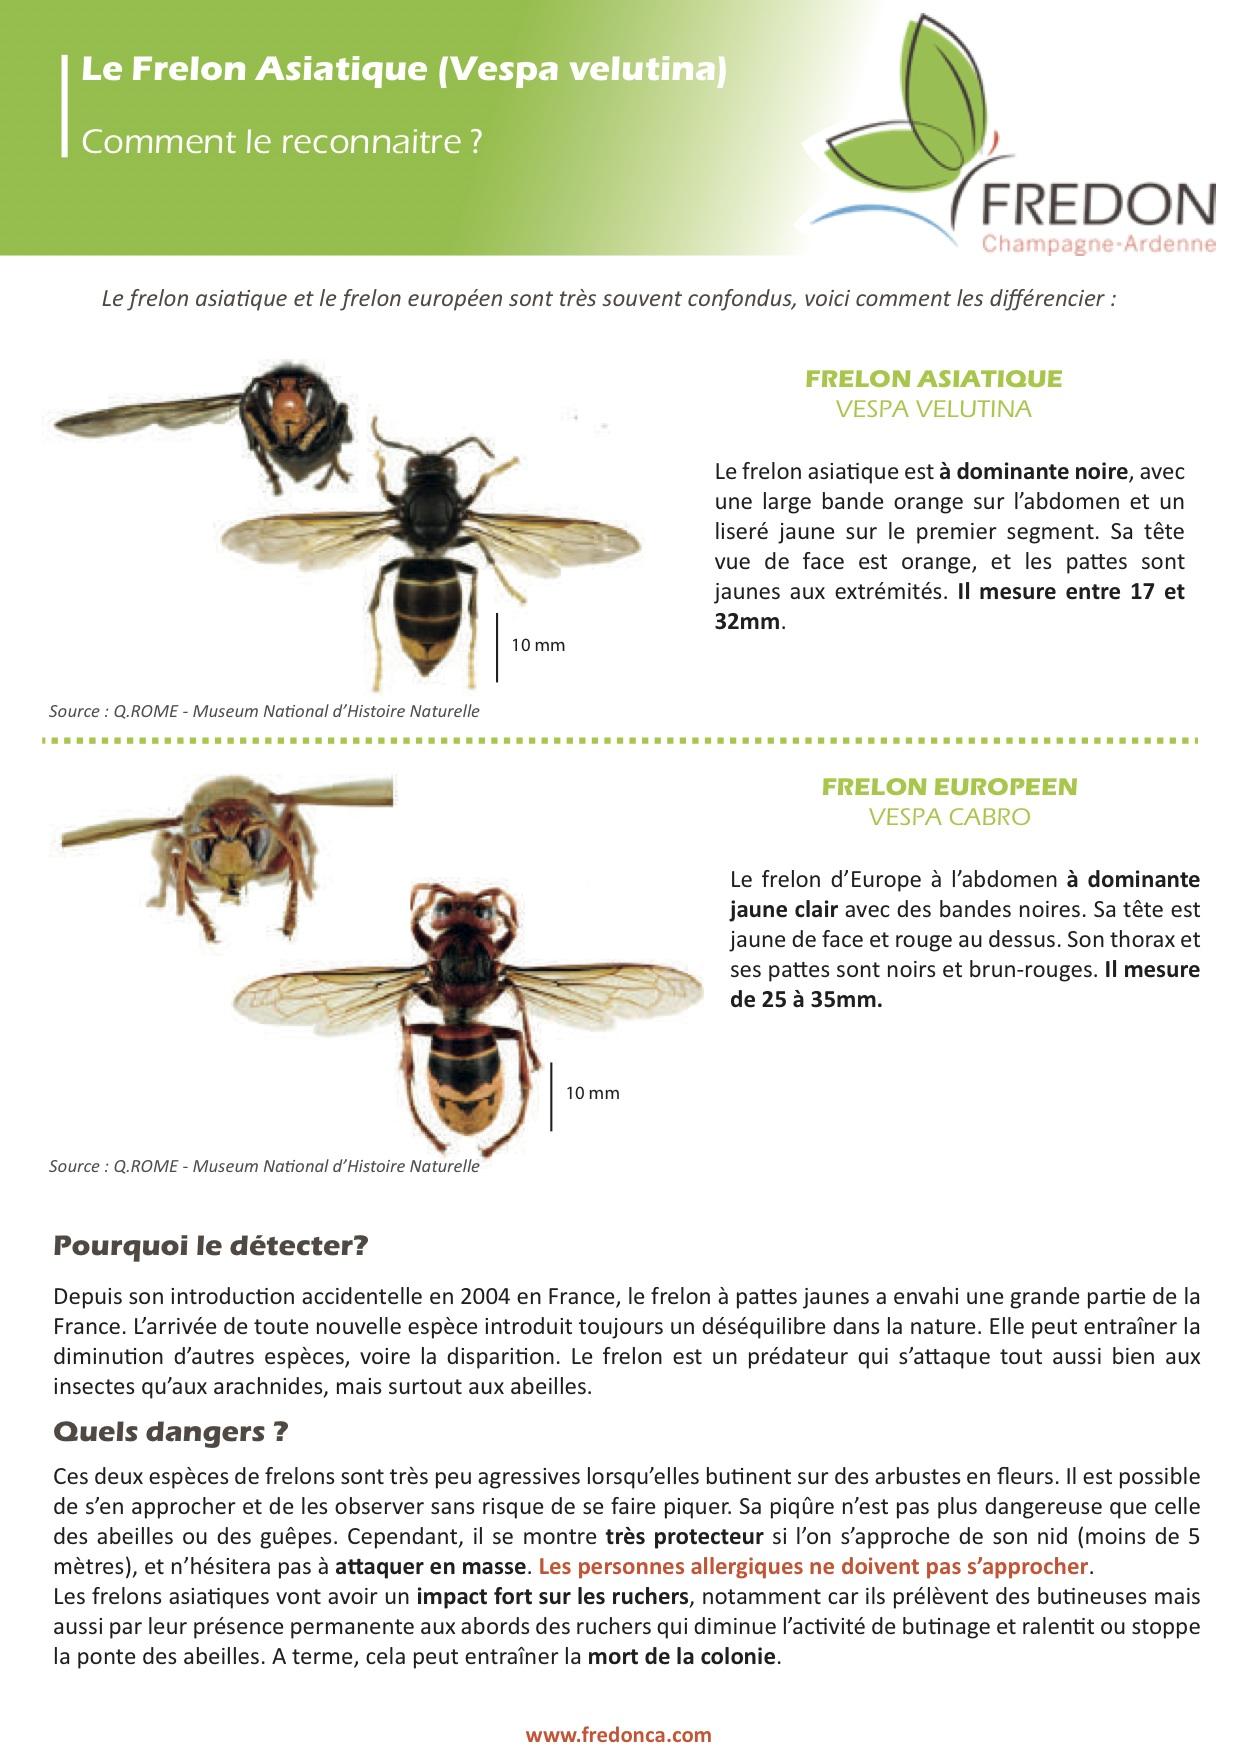 Environnement signaler les nids de frelons asiatiques - Je reste a votre disposition pour toutes informations complementaires ...